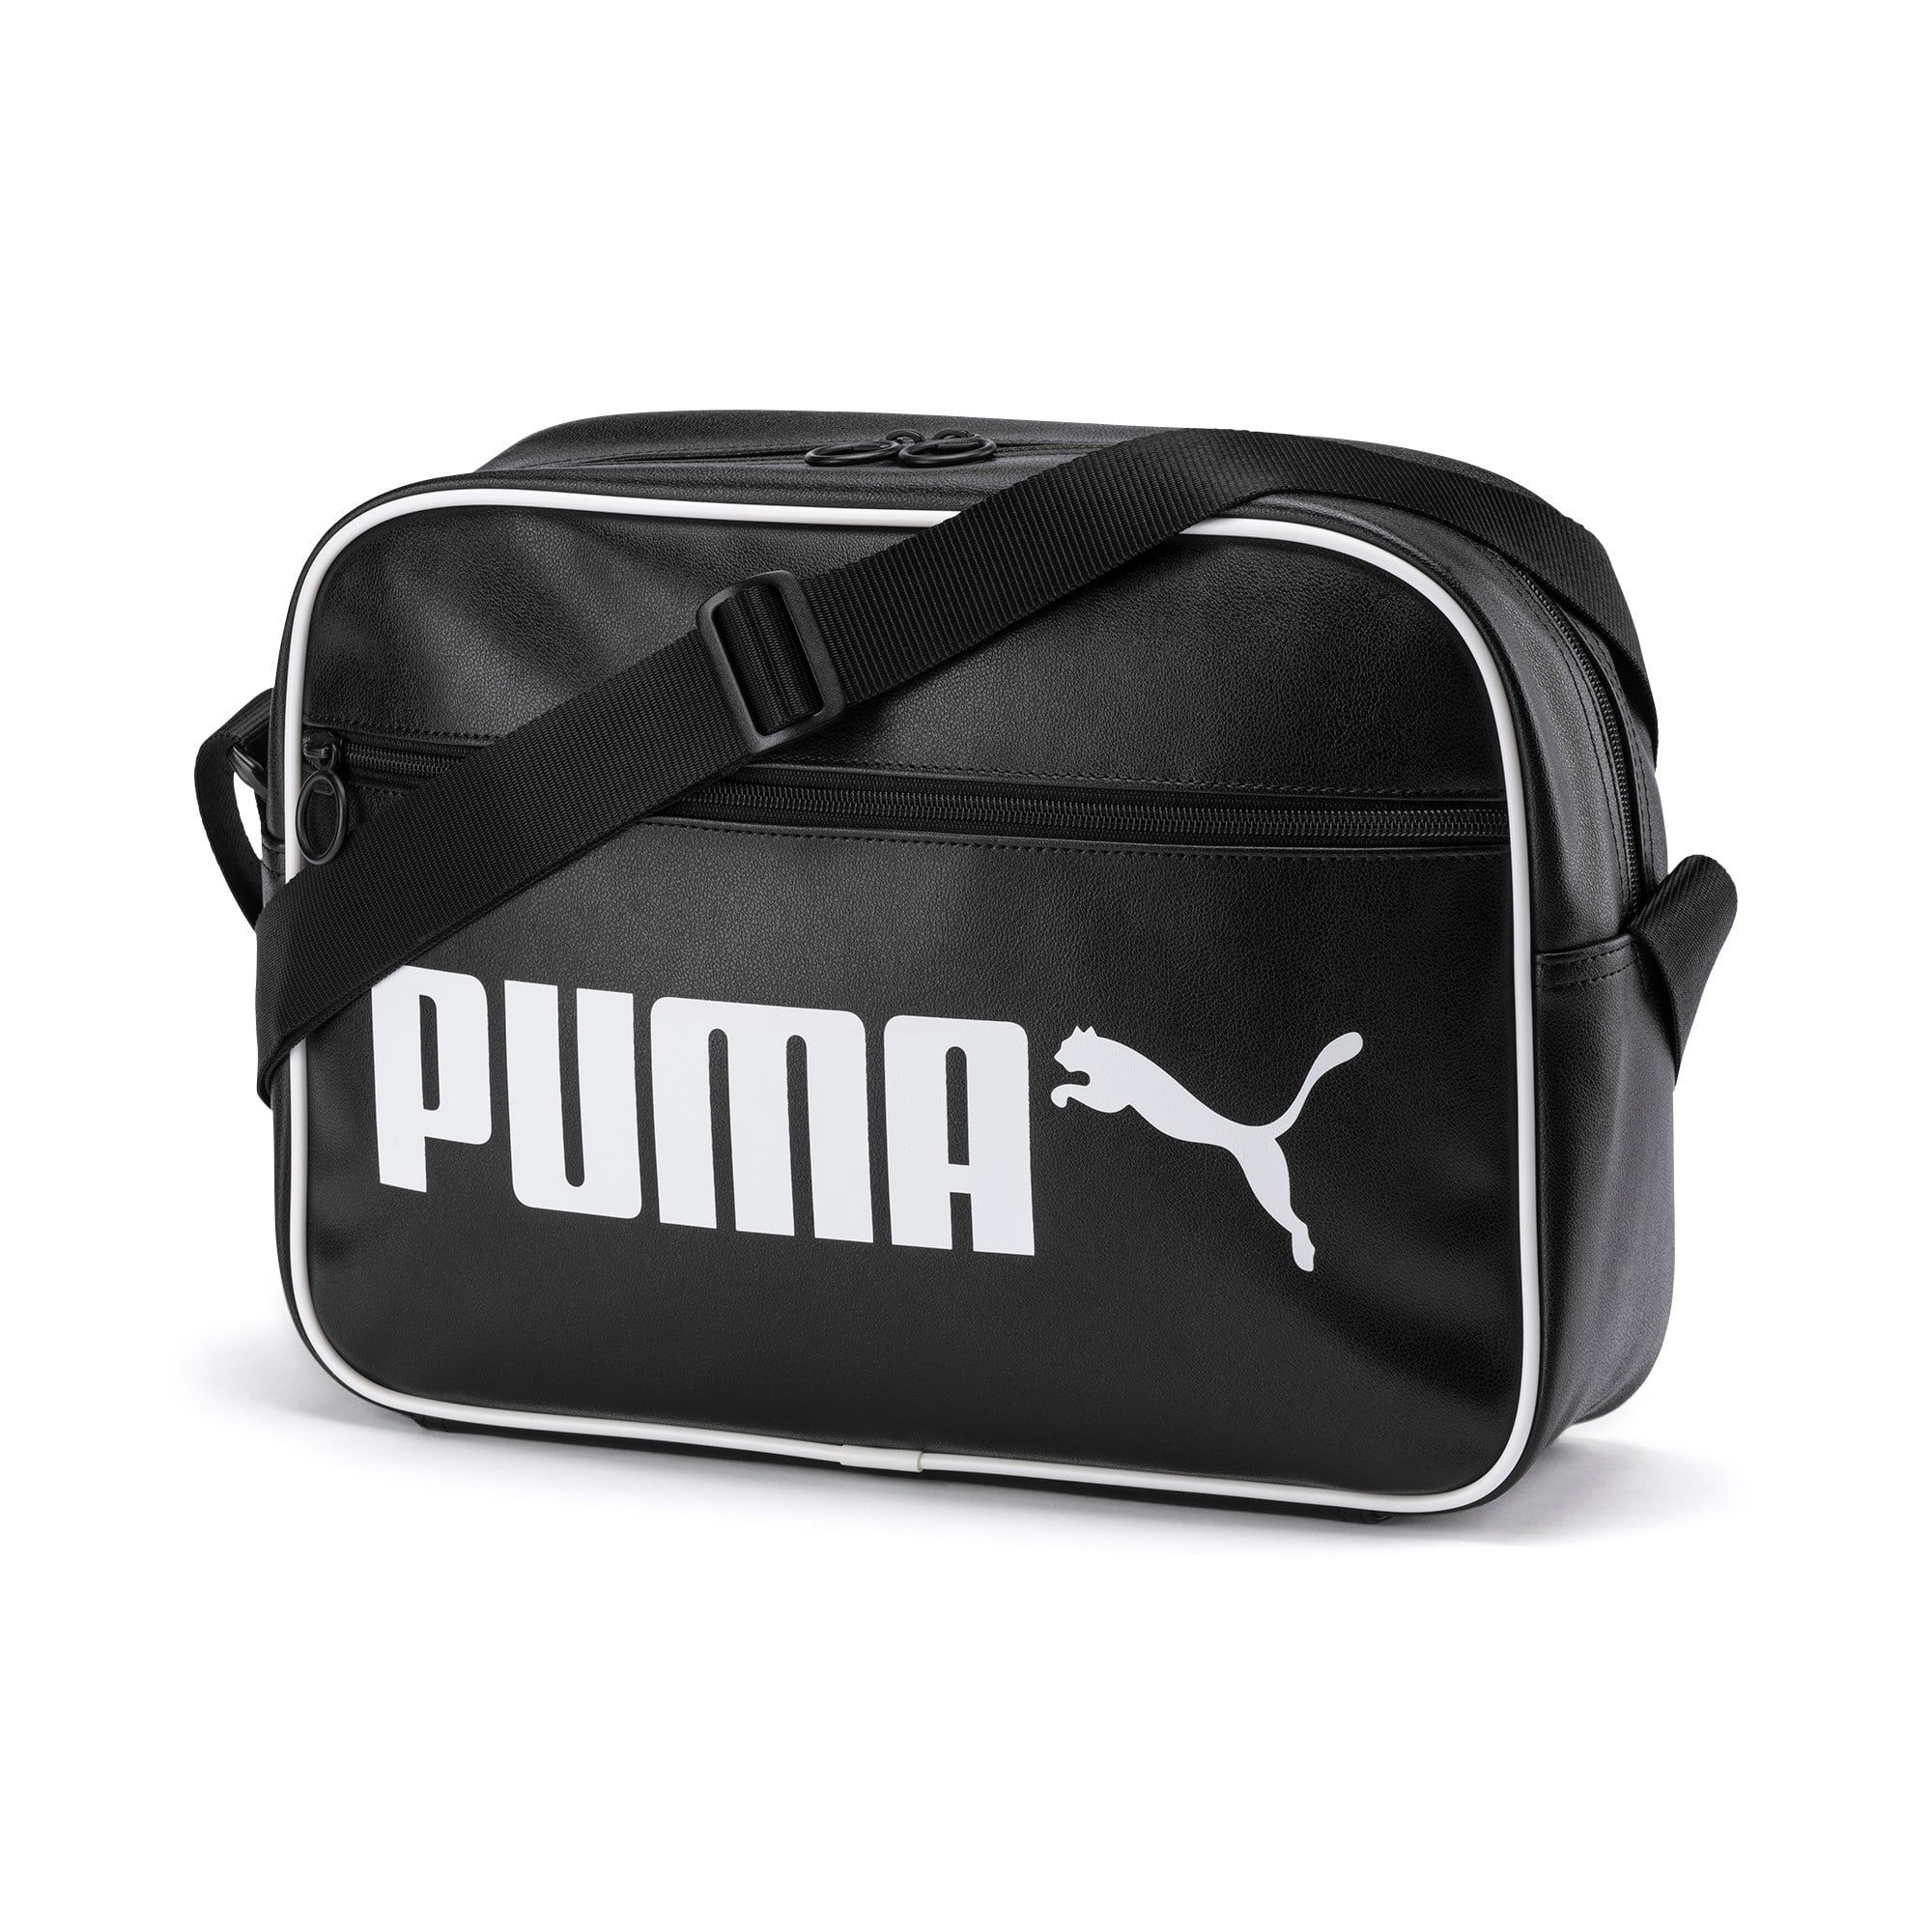 Thumbnail 1 of Campus Reporter Retro Shoulder Bag, Puma Black, medium